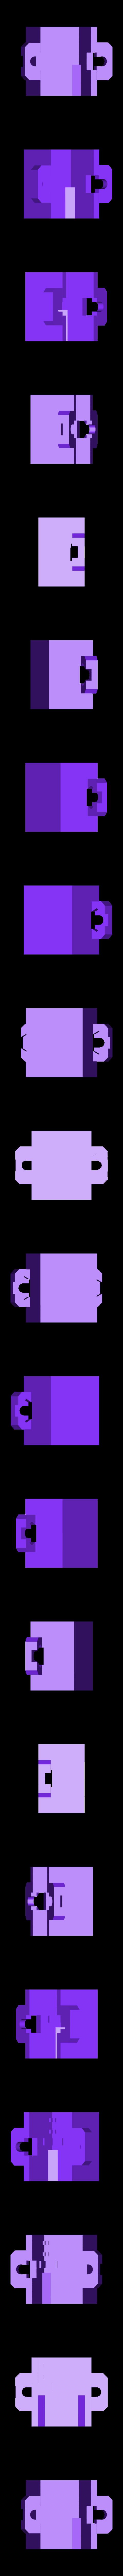 MP_MOTORCOVER_v001.stl Télécharger fichier STL gratuit Shellmo (Remix) • Plan imprimable en 3D, ROYLO